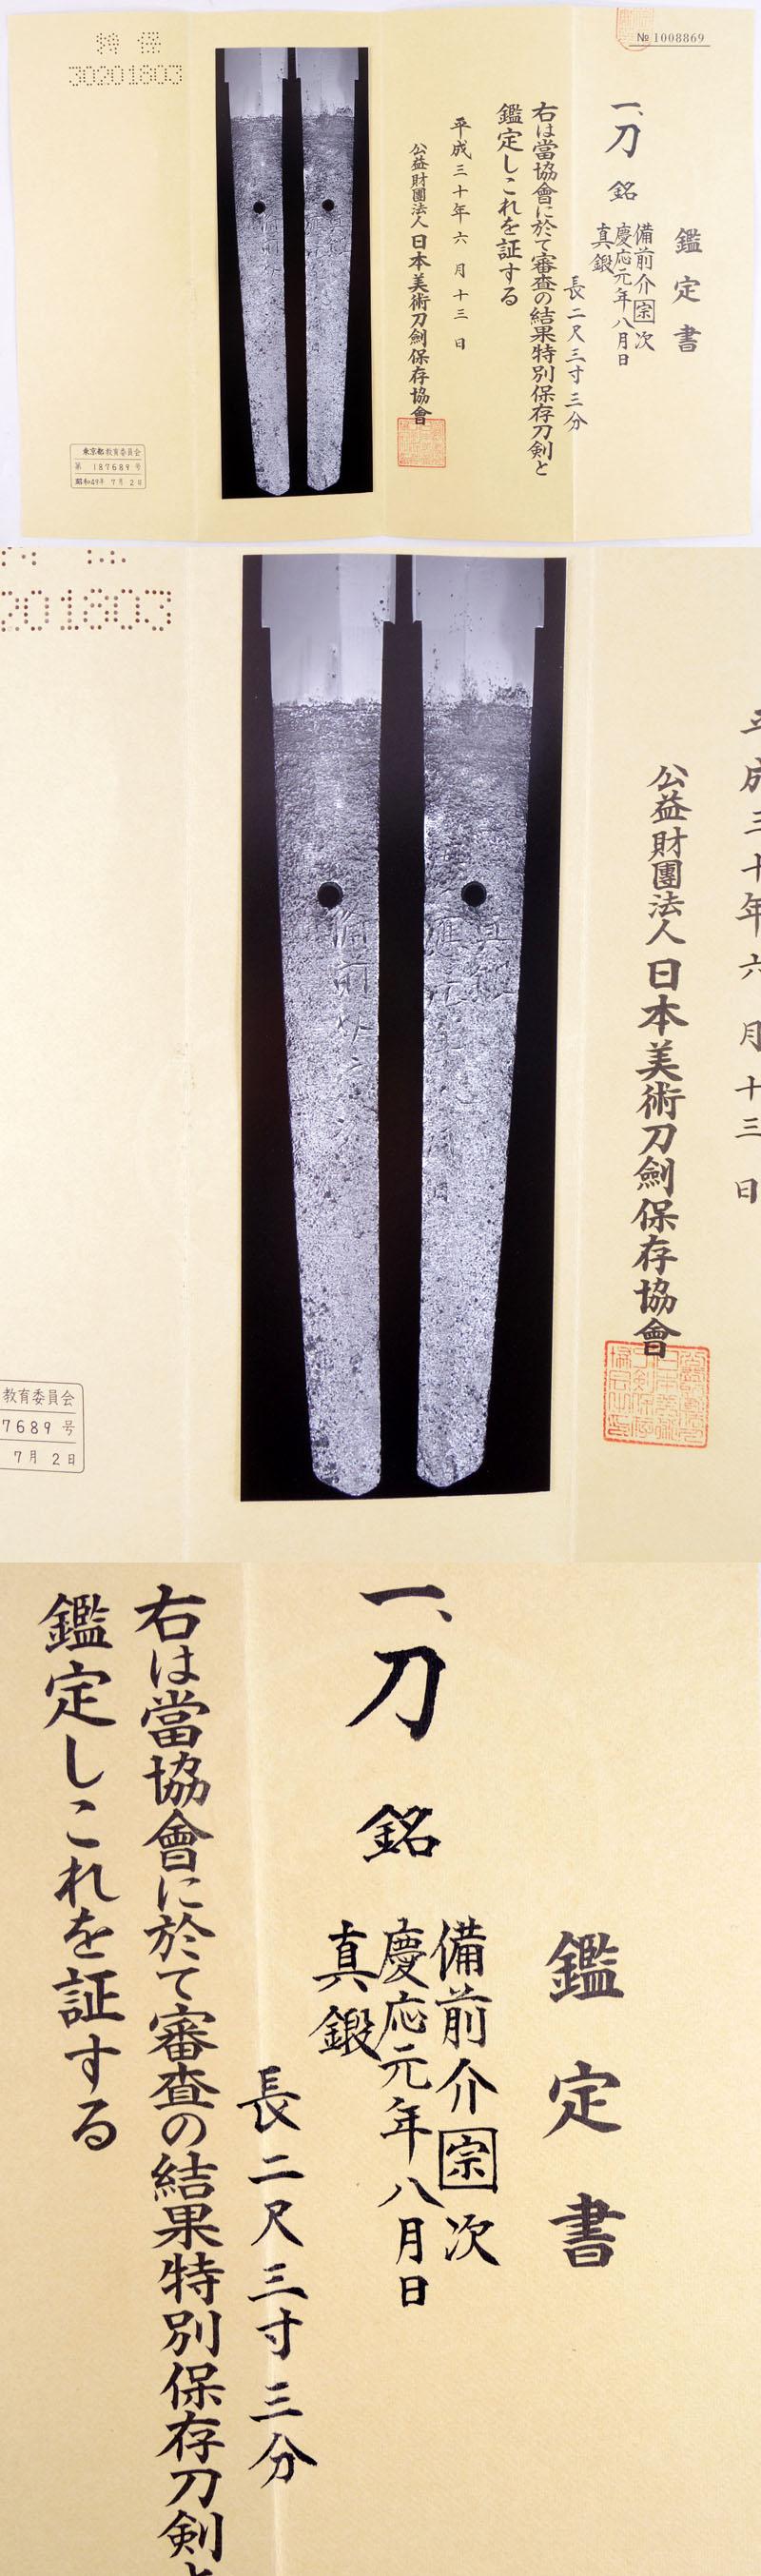 備前介宗次 (初代固山宗次)  Picture of Certificate